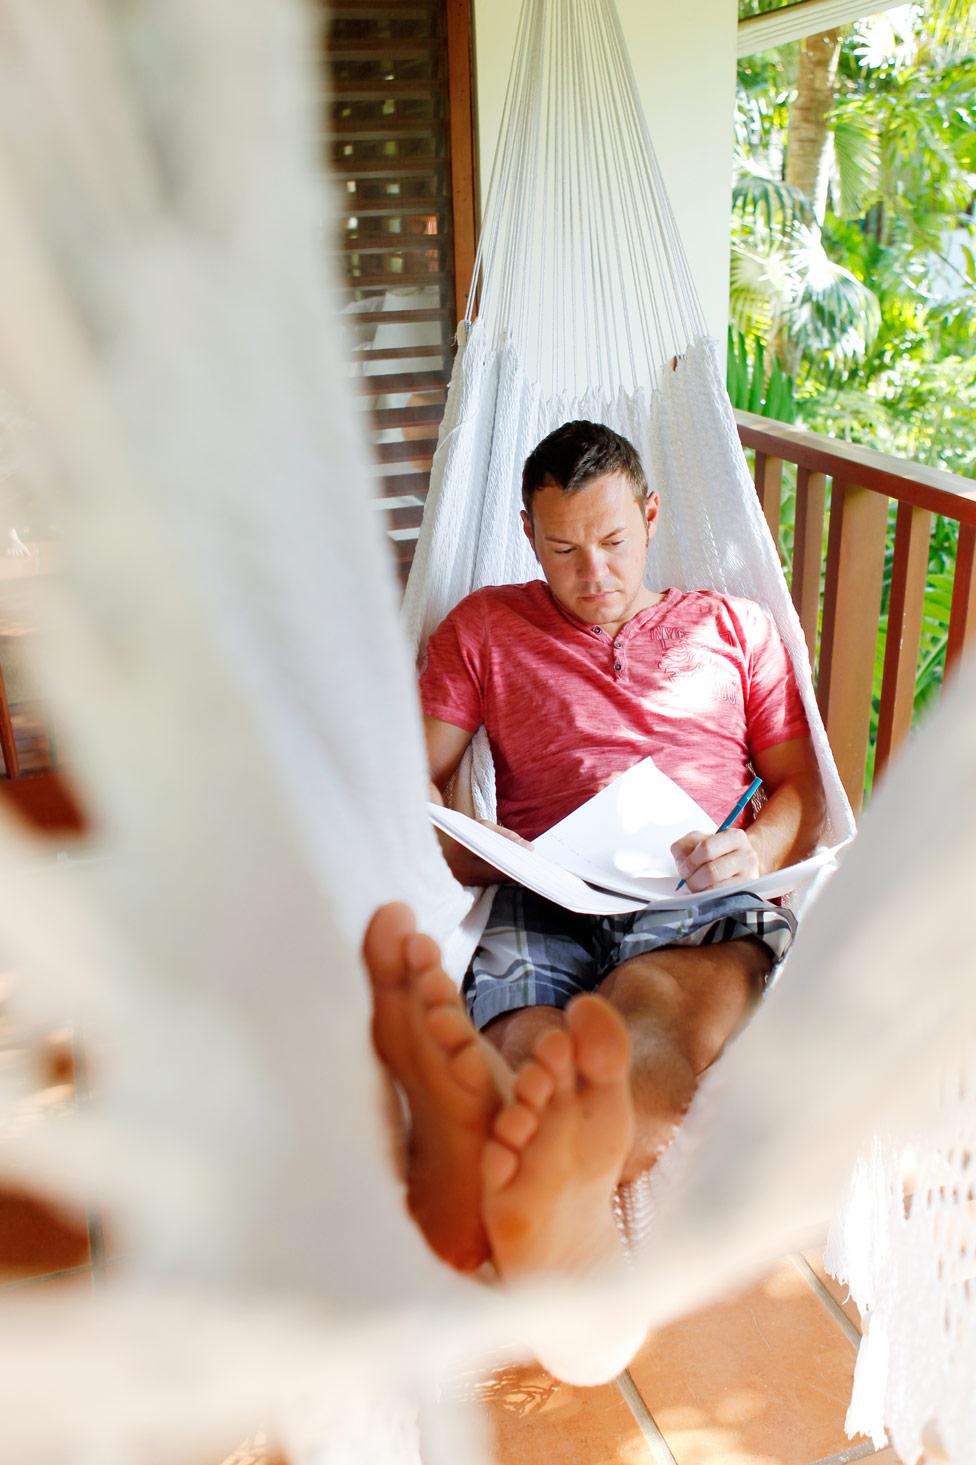 jamaica-milwaukee-destination-wedding-ruthie-hauge-photography-21.jpg